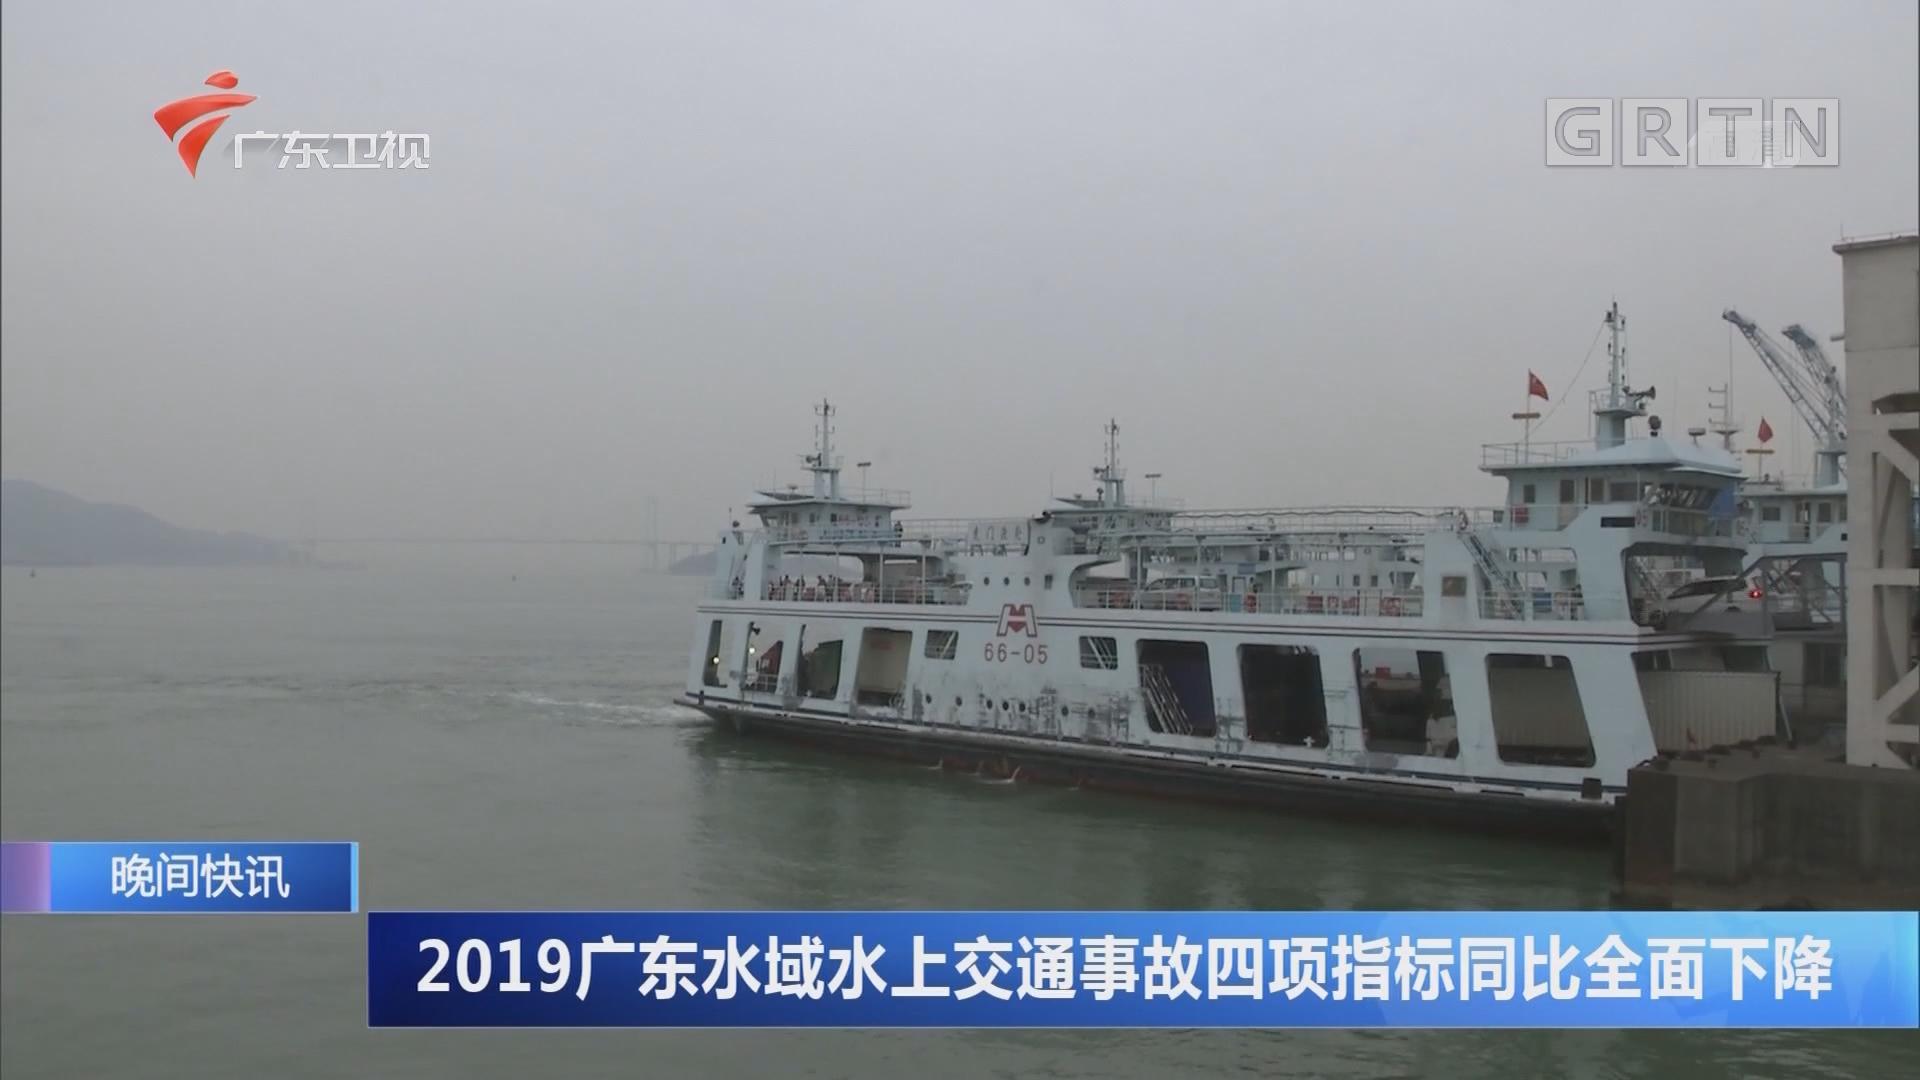 2019广东水域水上交通事故四项指标同比全面下降